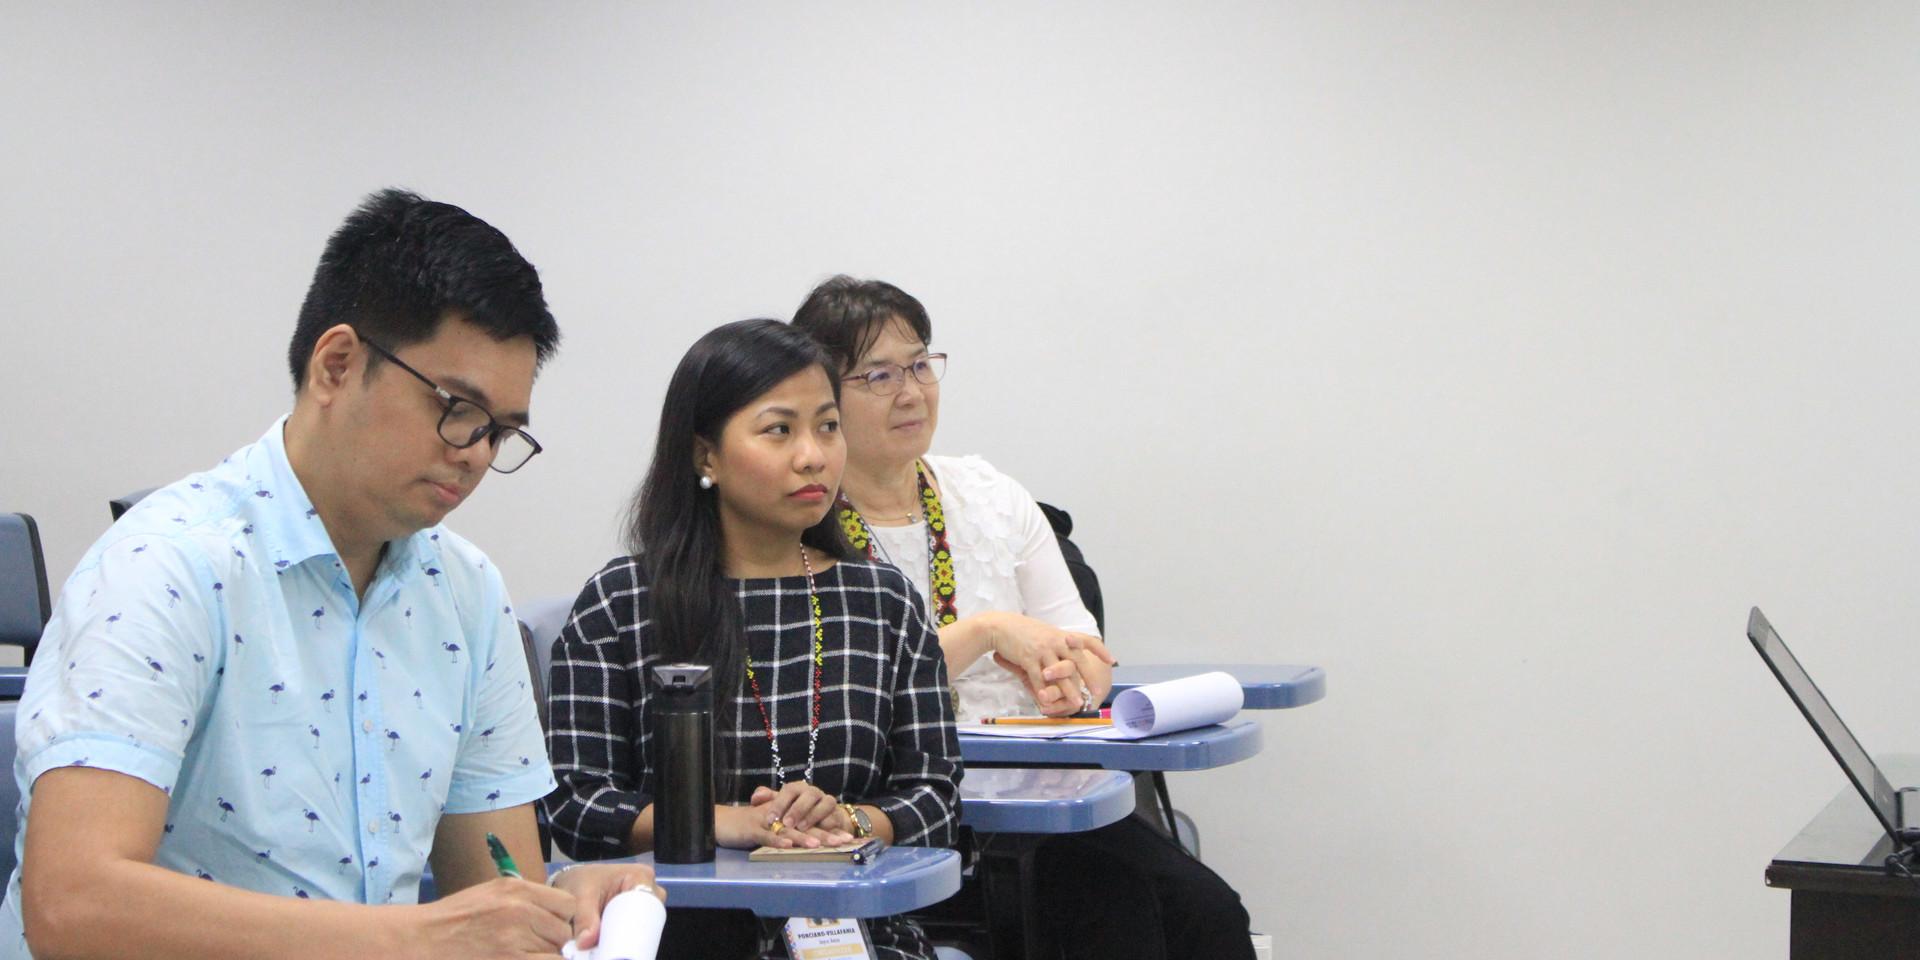 C4A Judges for Oral Presentation